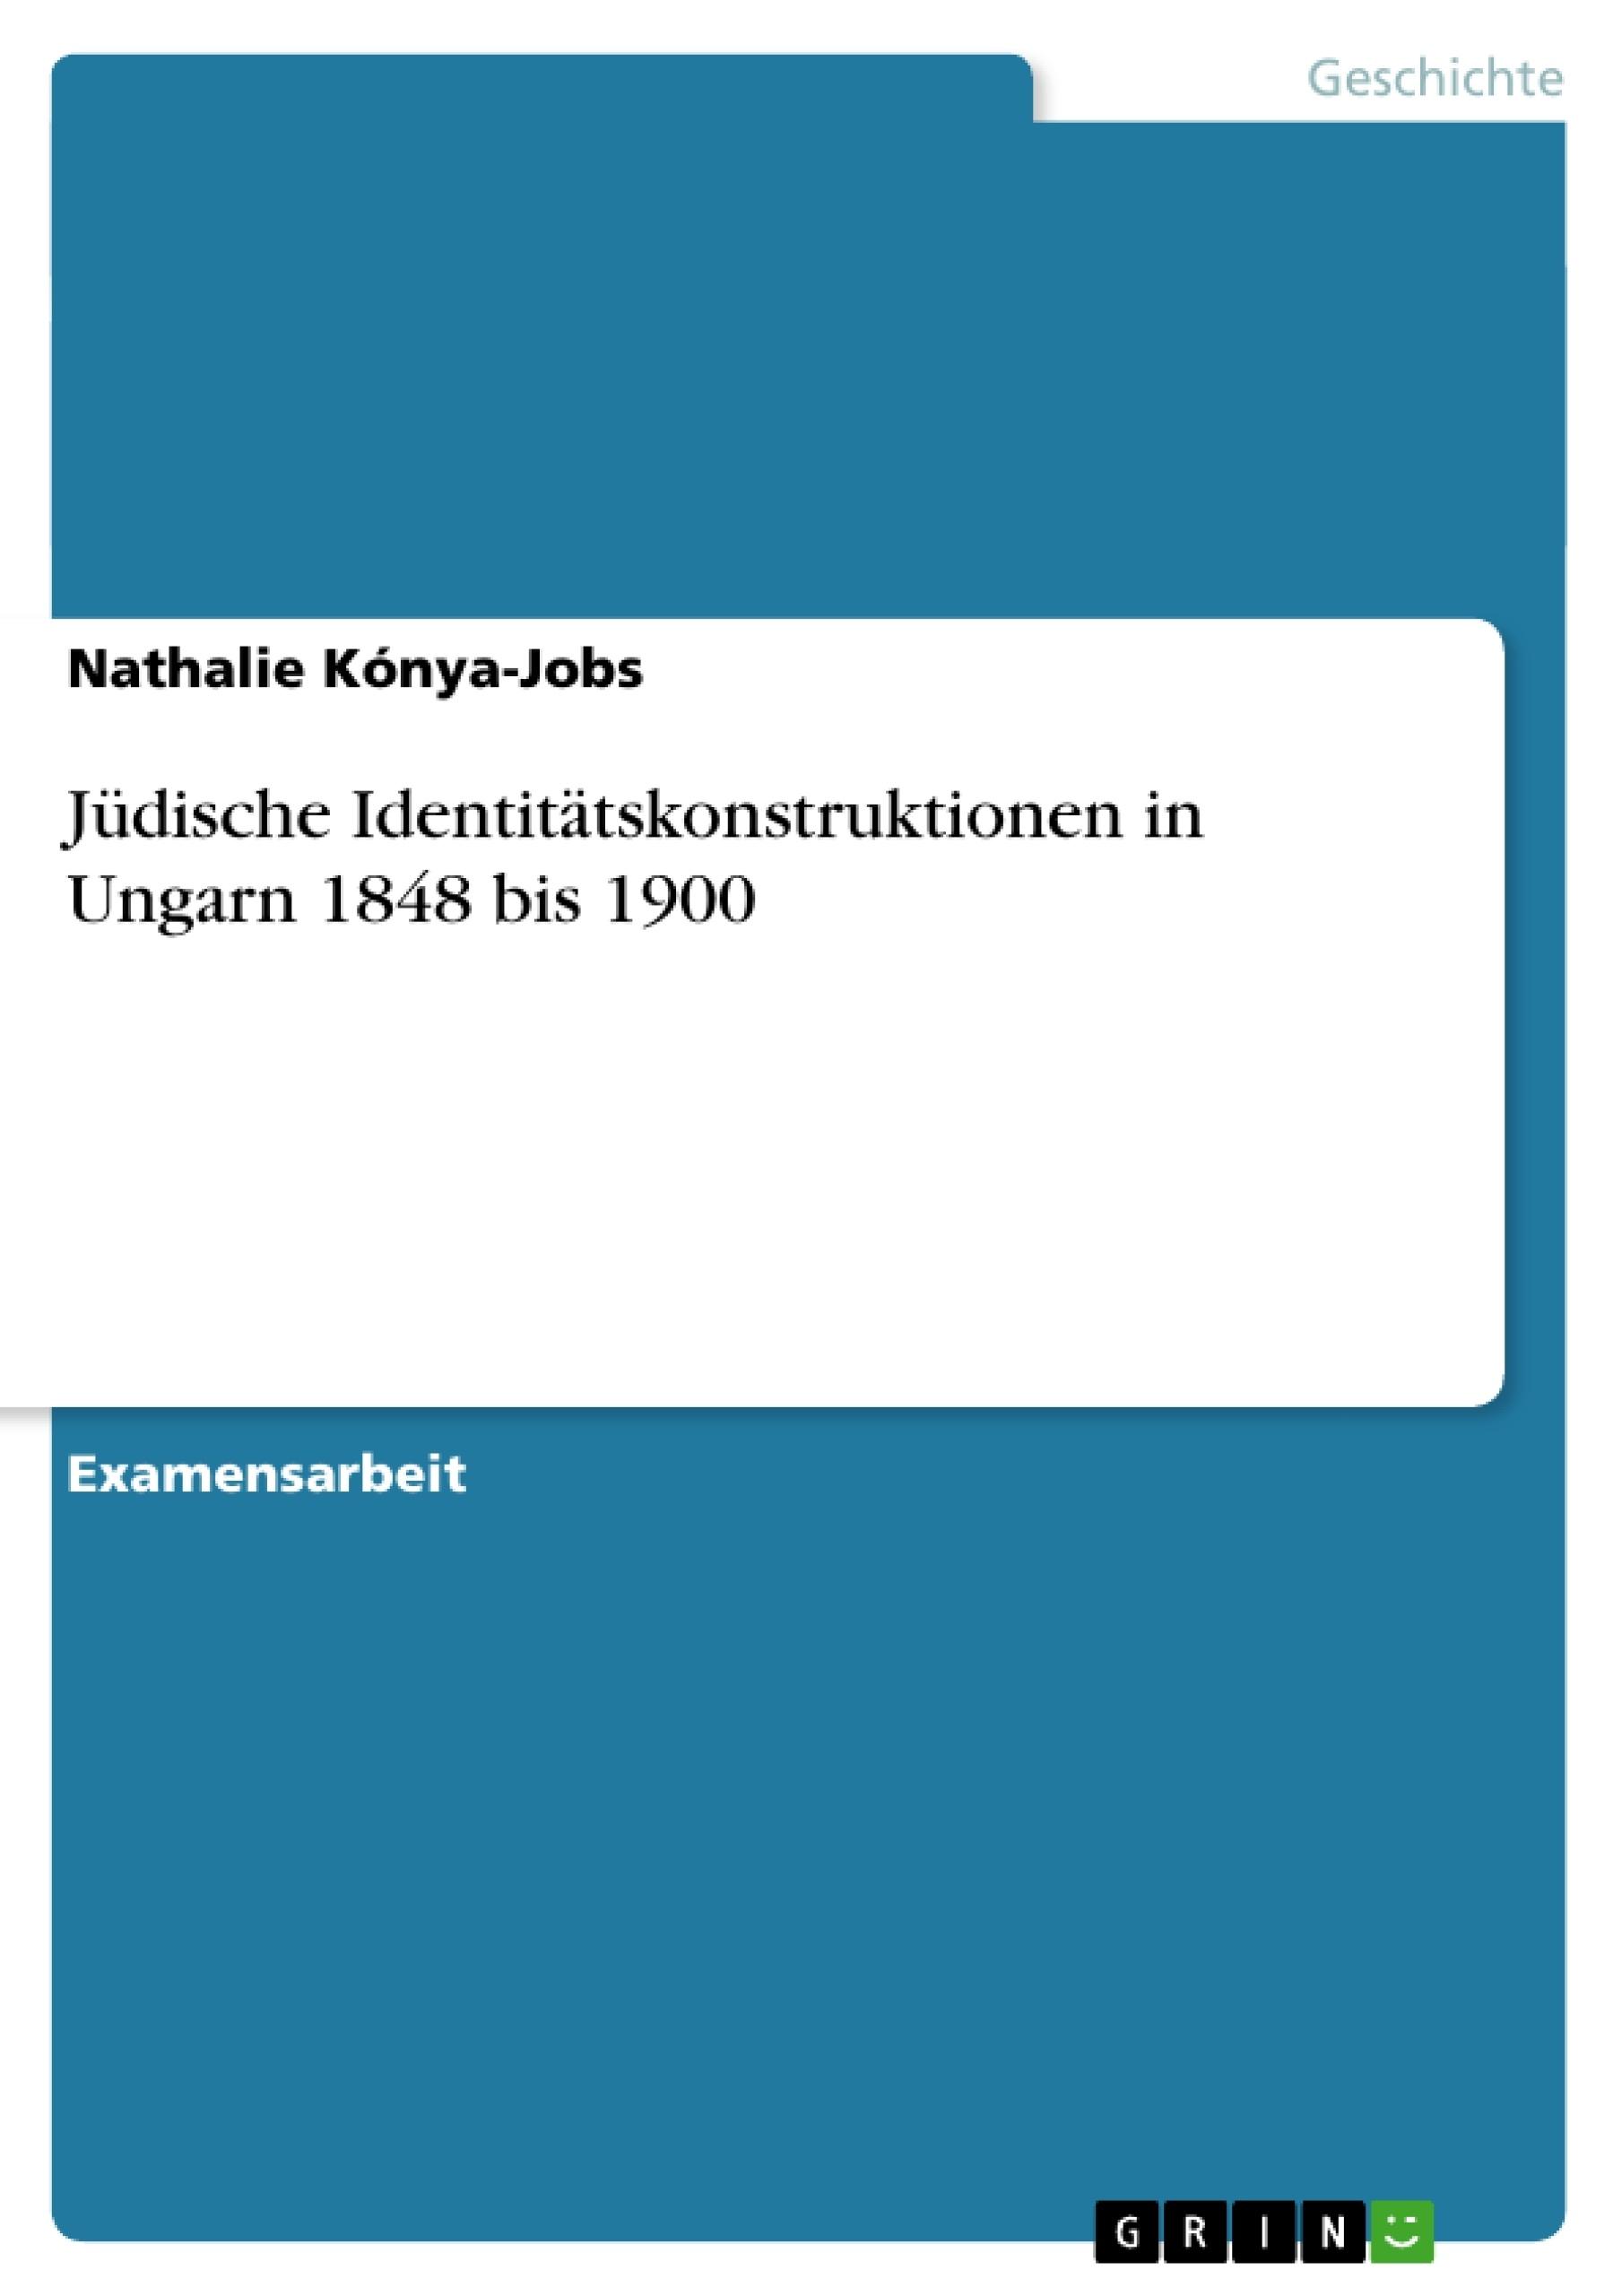 Titel: Jüdische Identitätskonstruktionen in Ungarn 1848 bis 1900